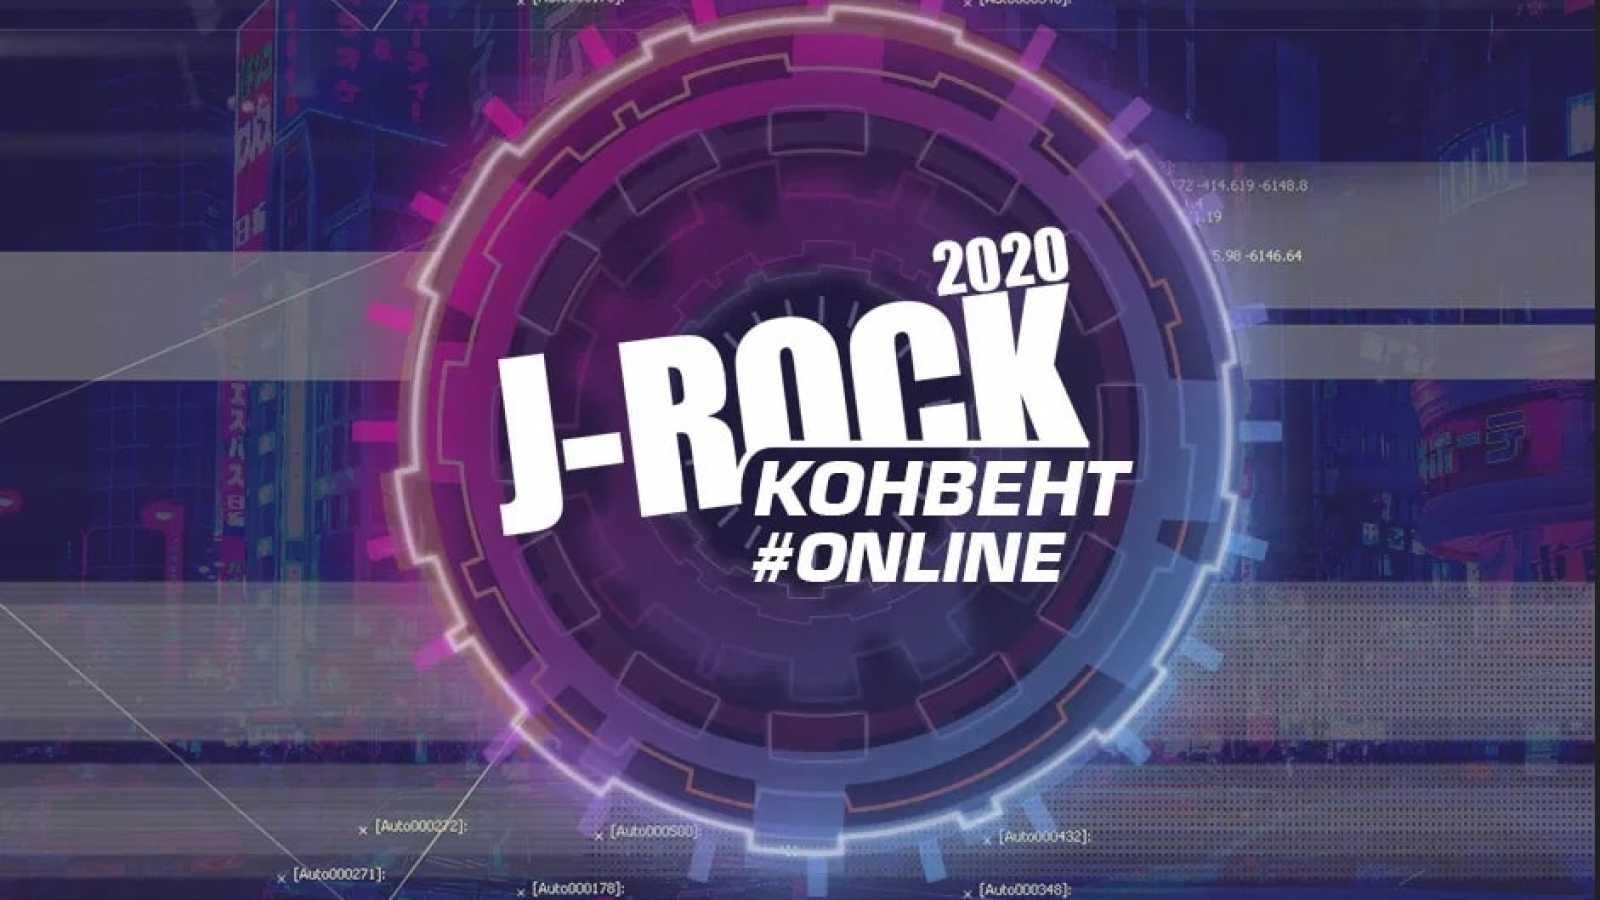 J-rock Конвент 2020 уже скоро